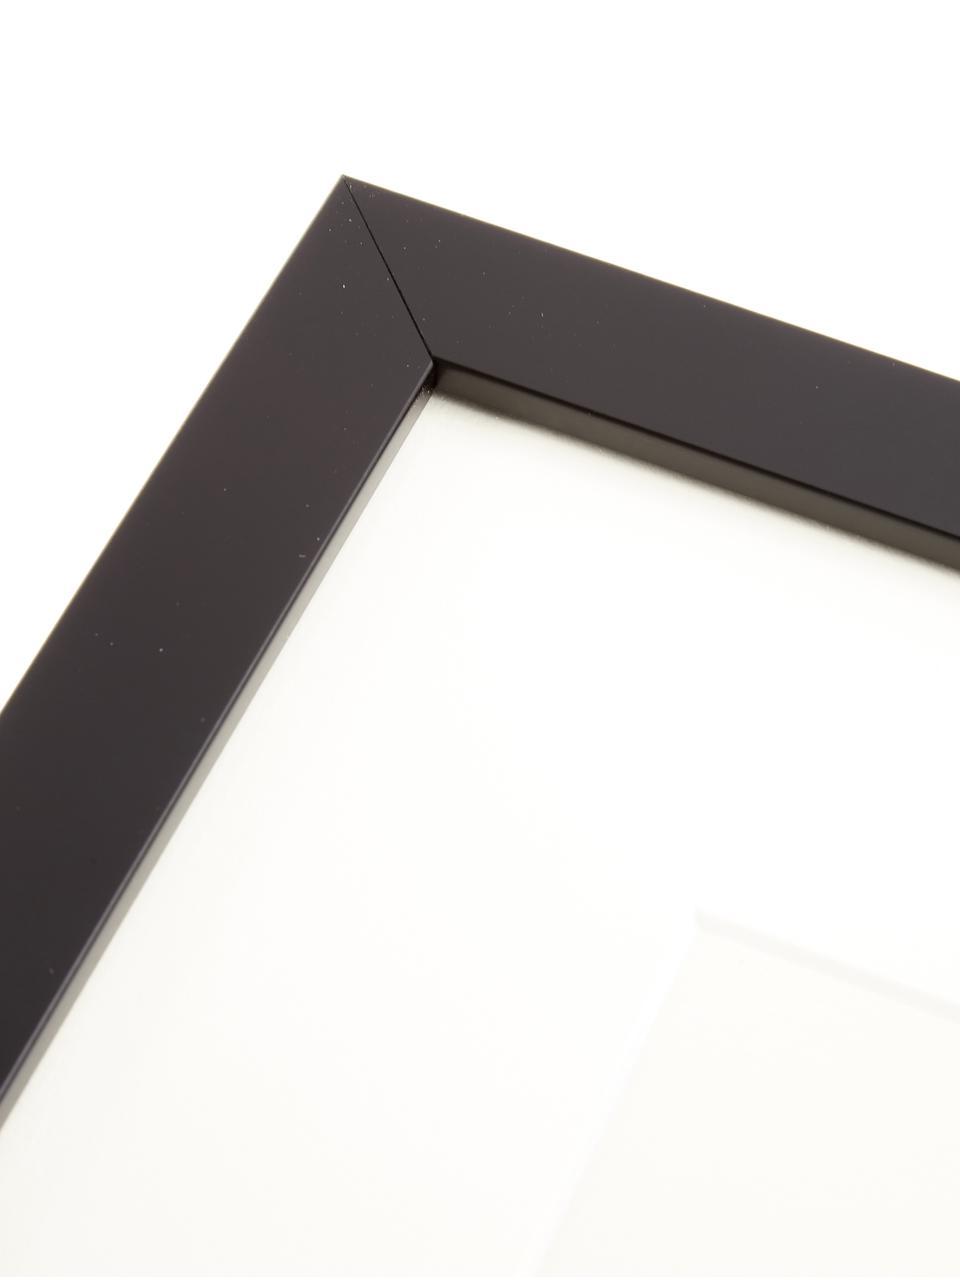 Stampa digitale incorniciata Akt Lady IV, Immagine: stampa digitale, Cornice: materiale sintetico, Immagine: nero, beige<br>Cornice: nero, L 40 x A 40 cm